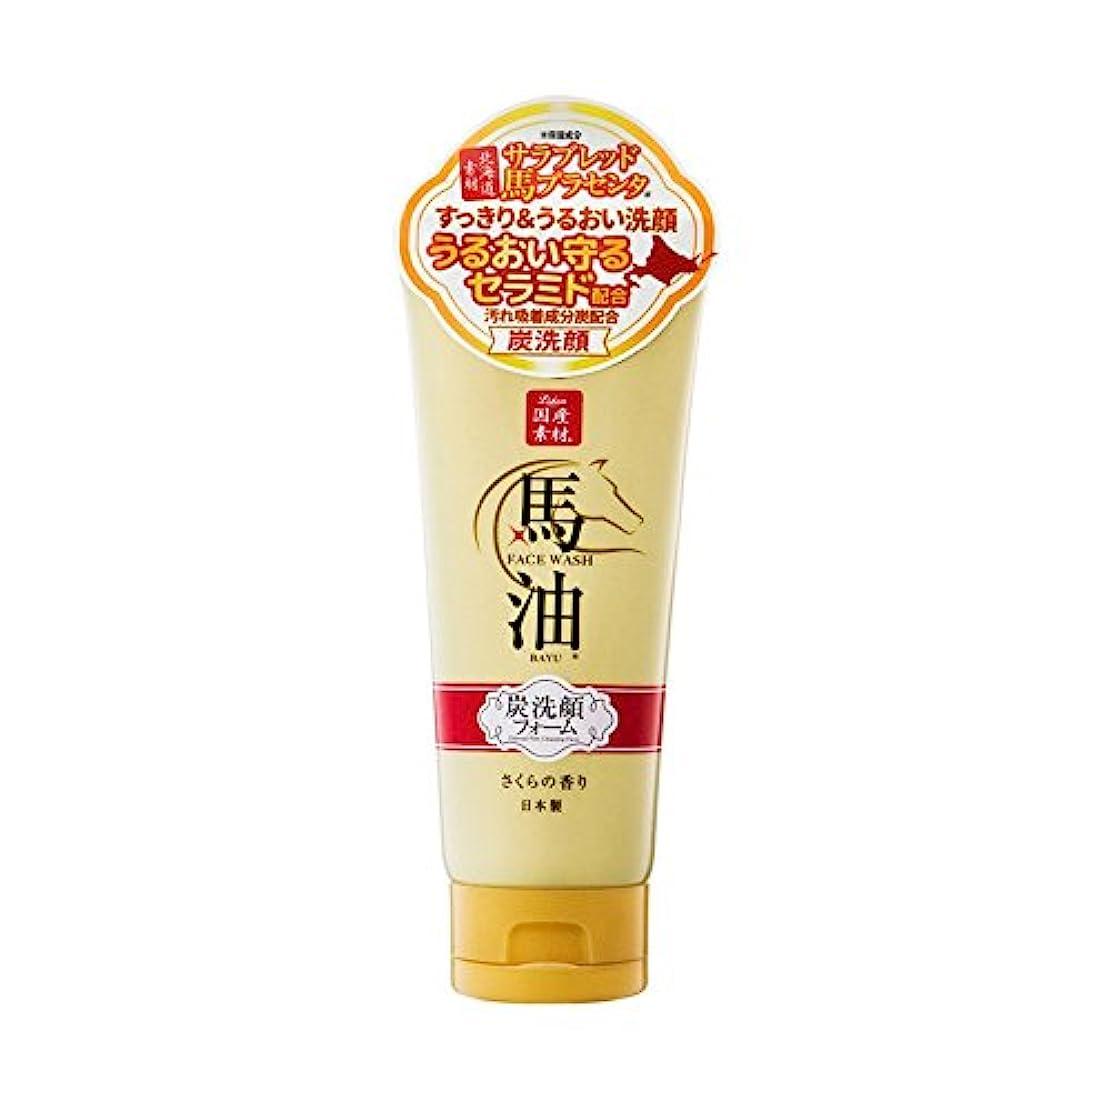 ぬいぐるみ矛盾ブルジョンリシャン 馬油&炭洗顔フォーム(さくらの香り)(内容量130g)